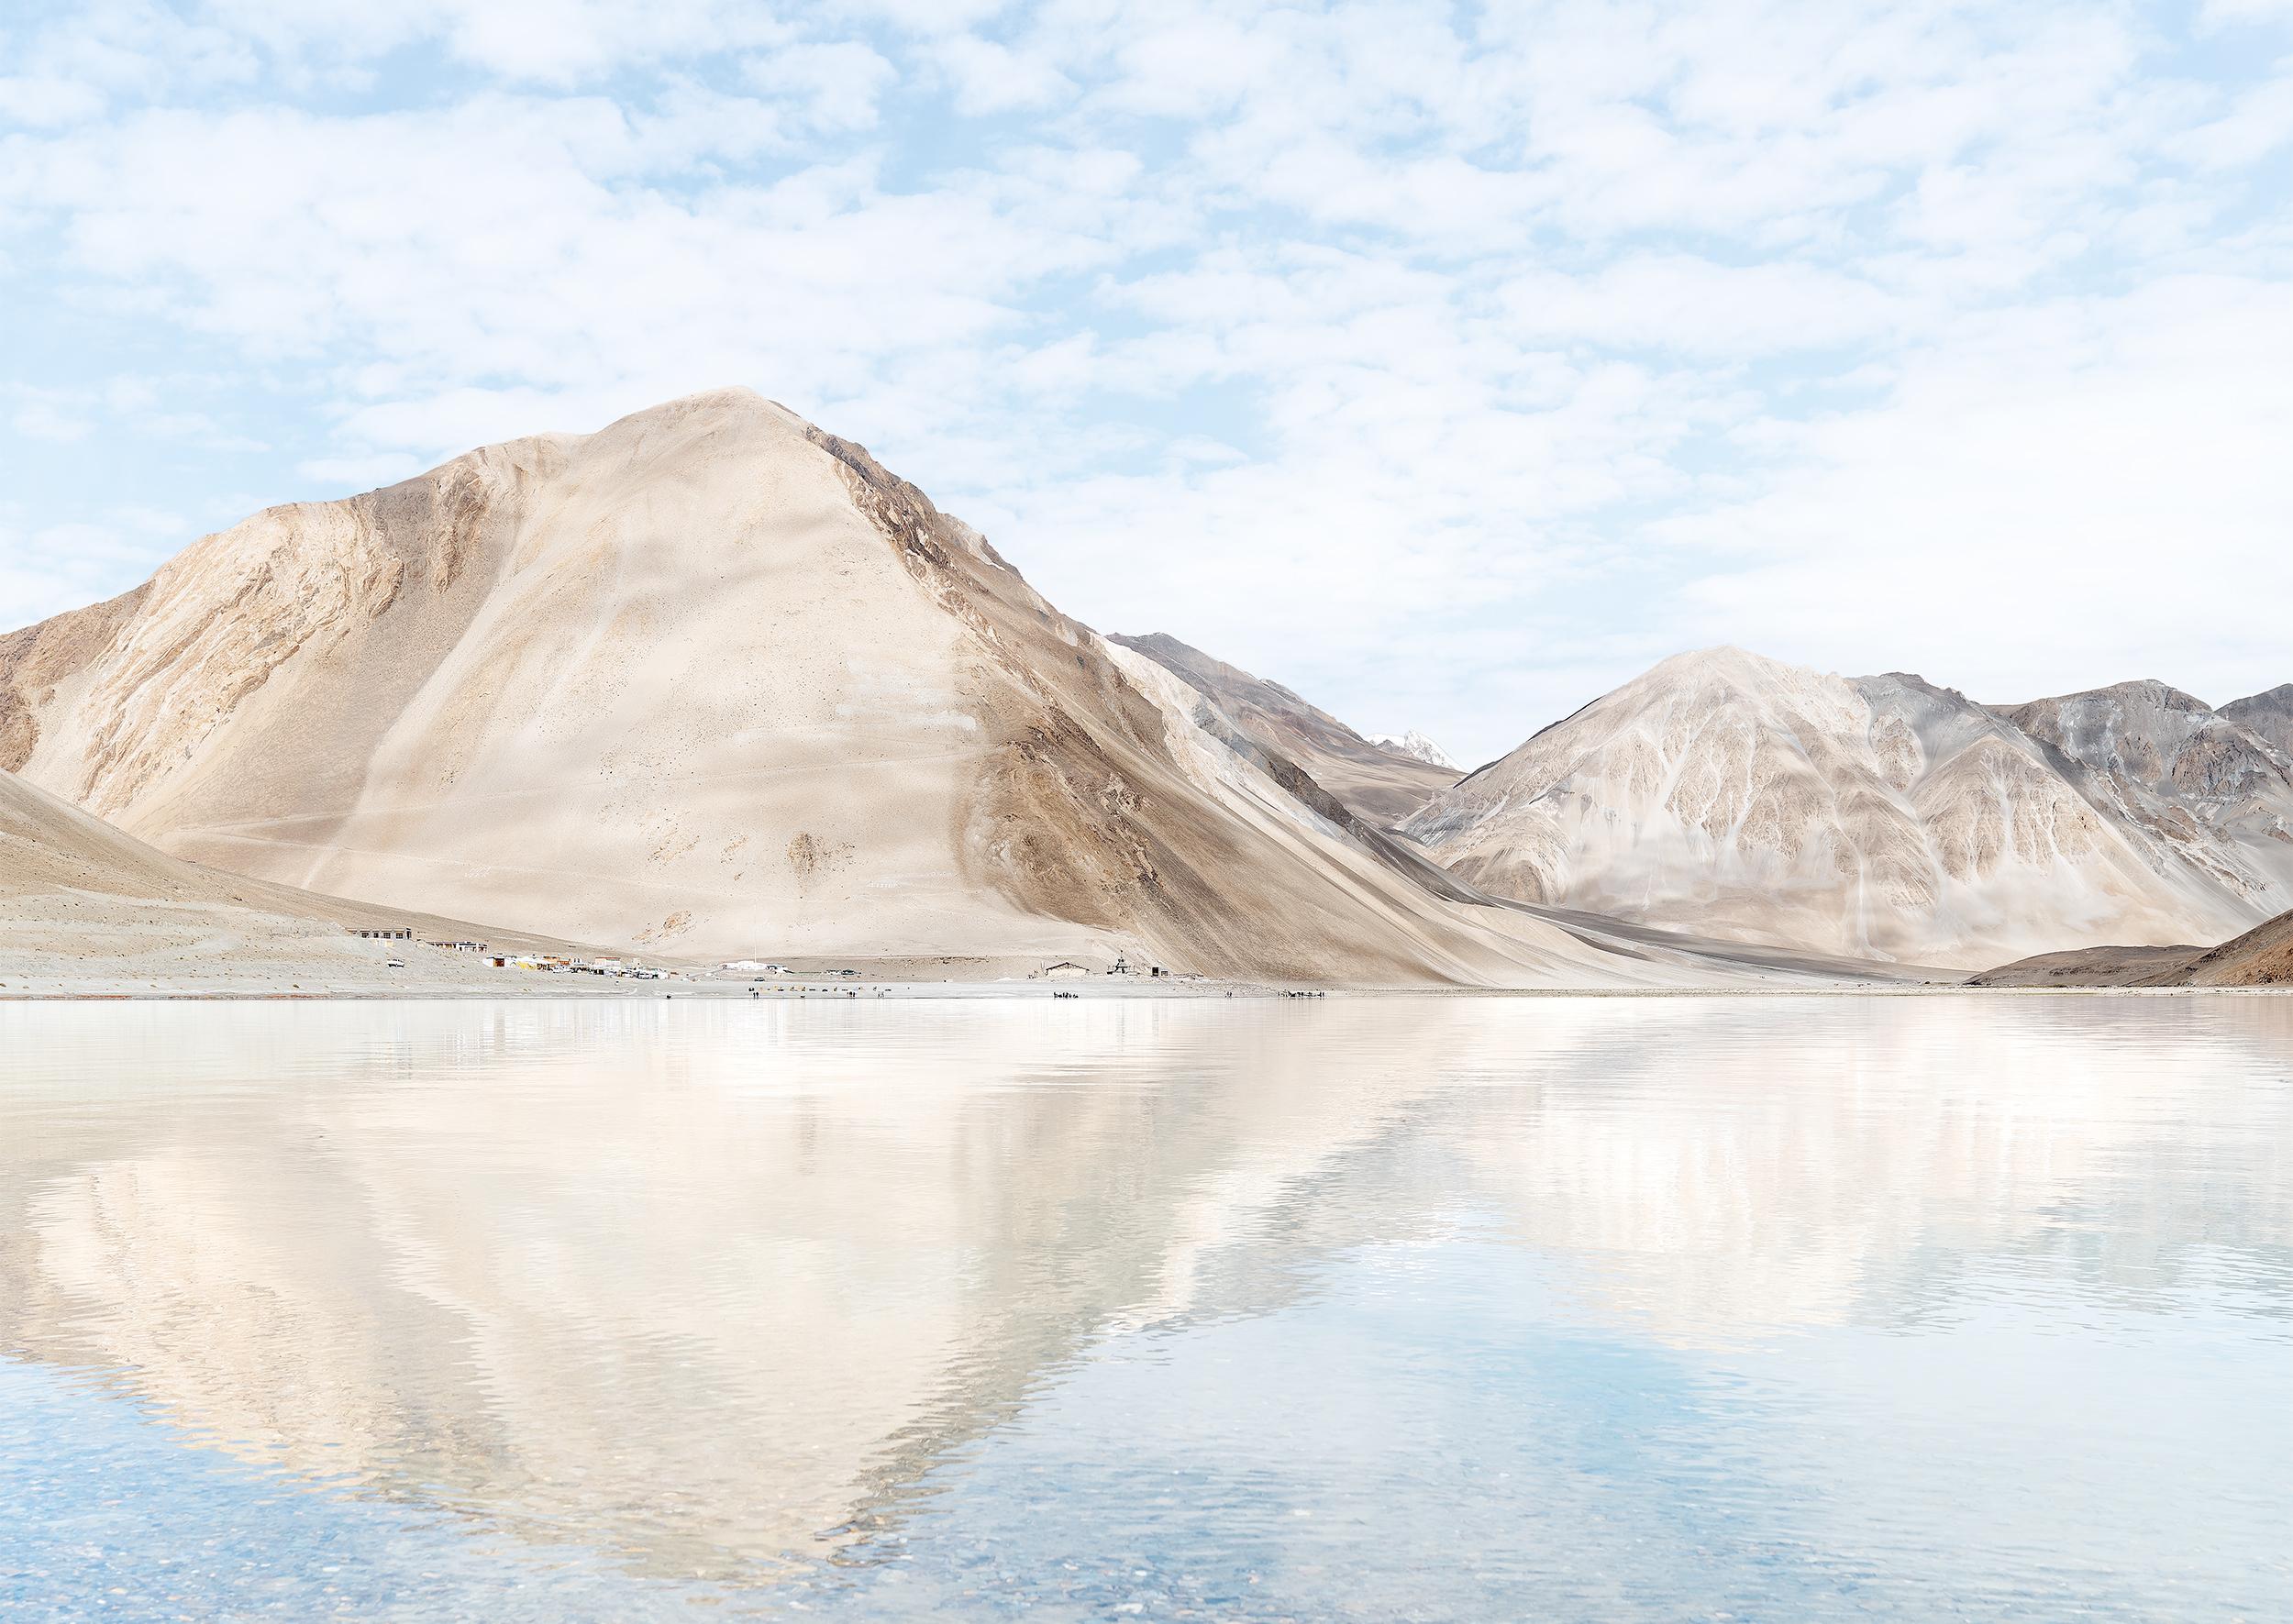 Untitled, Pangong Tso, Ladakh, 2017